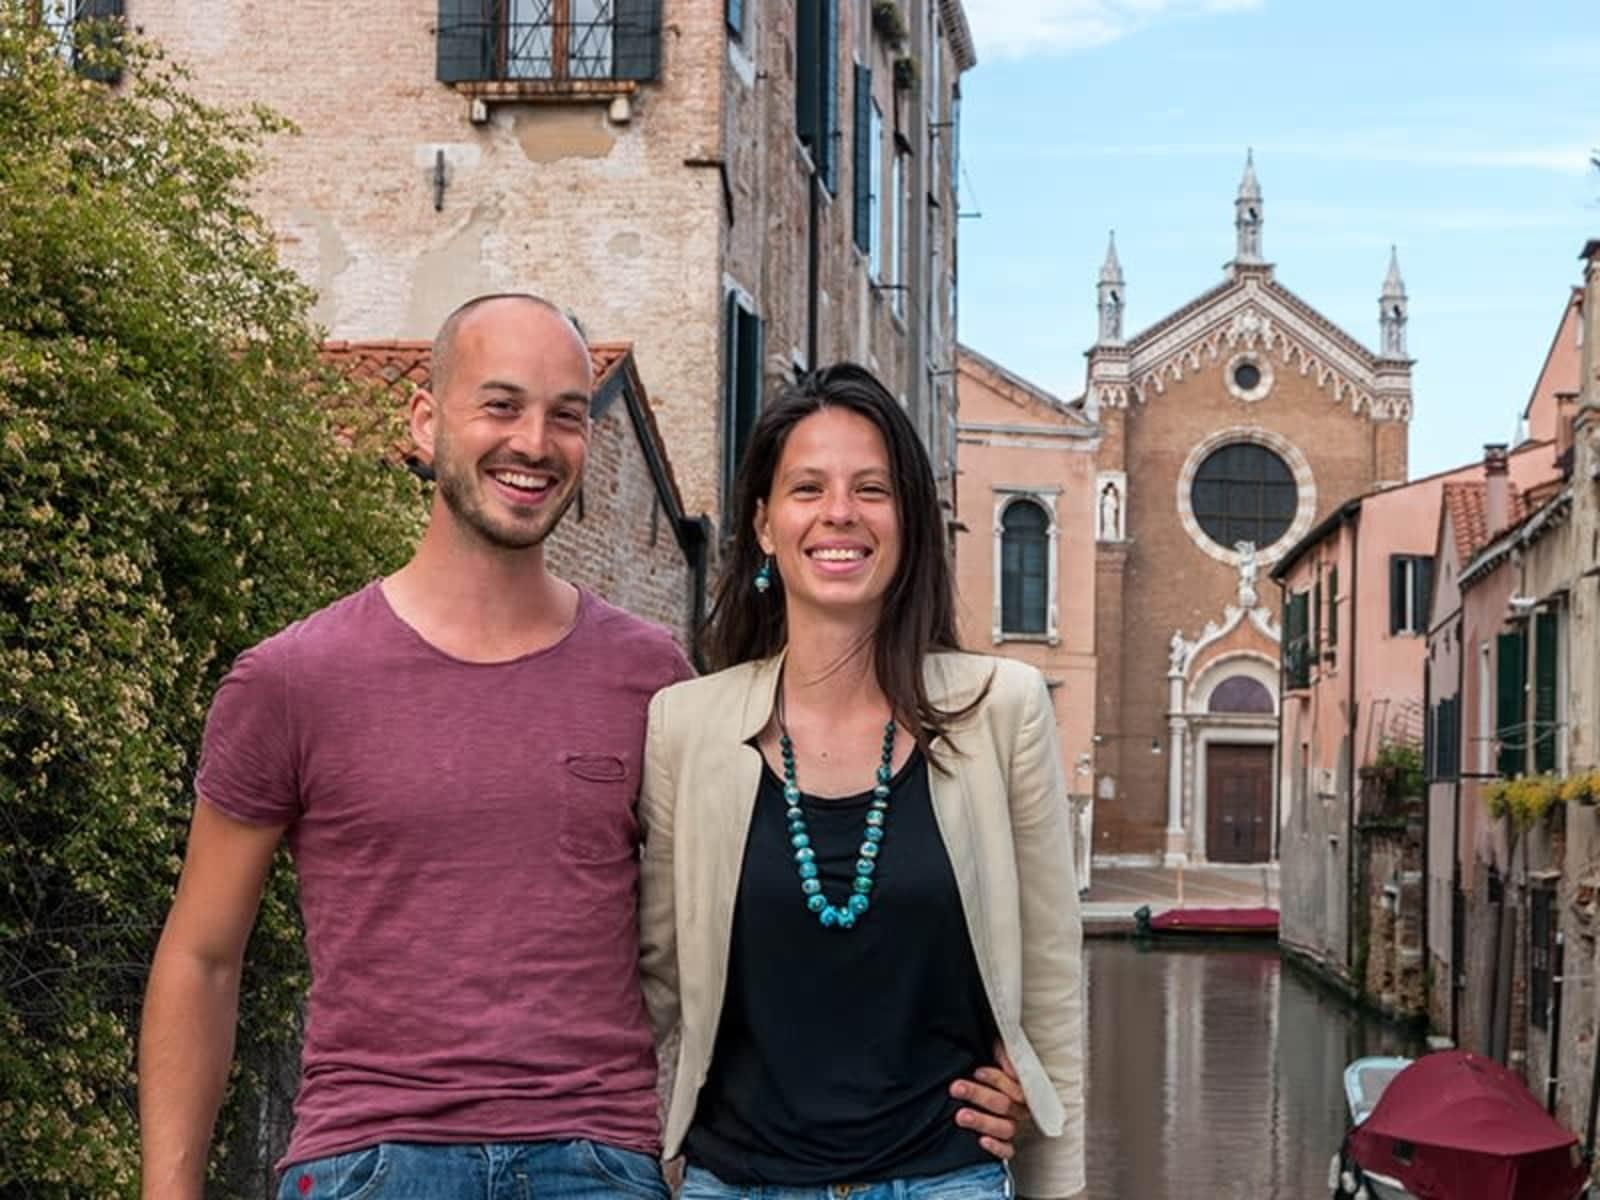 Valeria & Sebastian from Venice, Italy